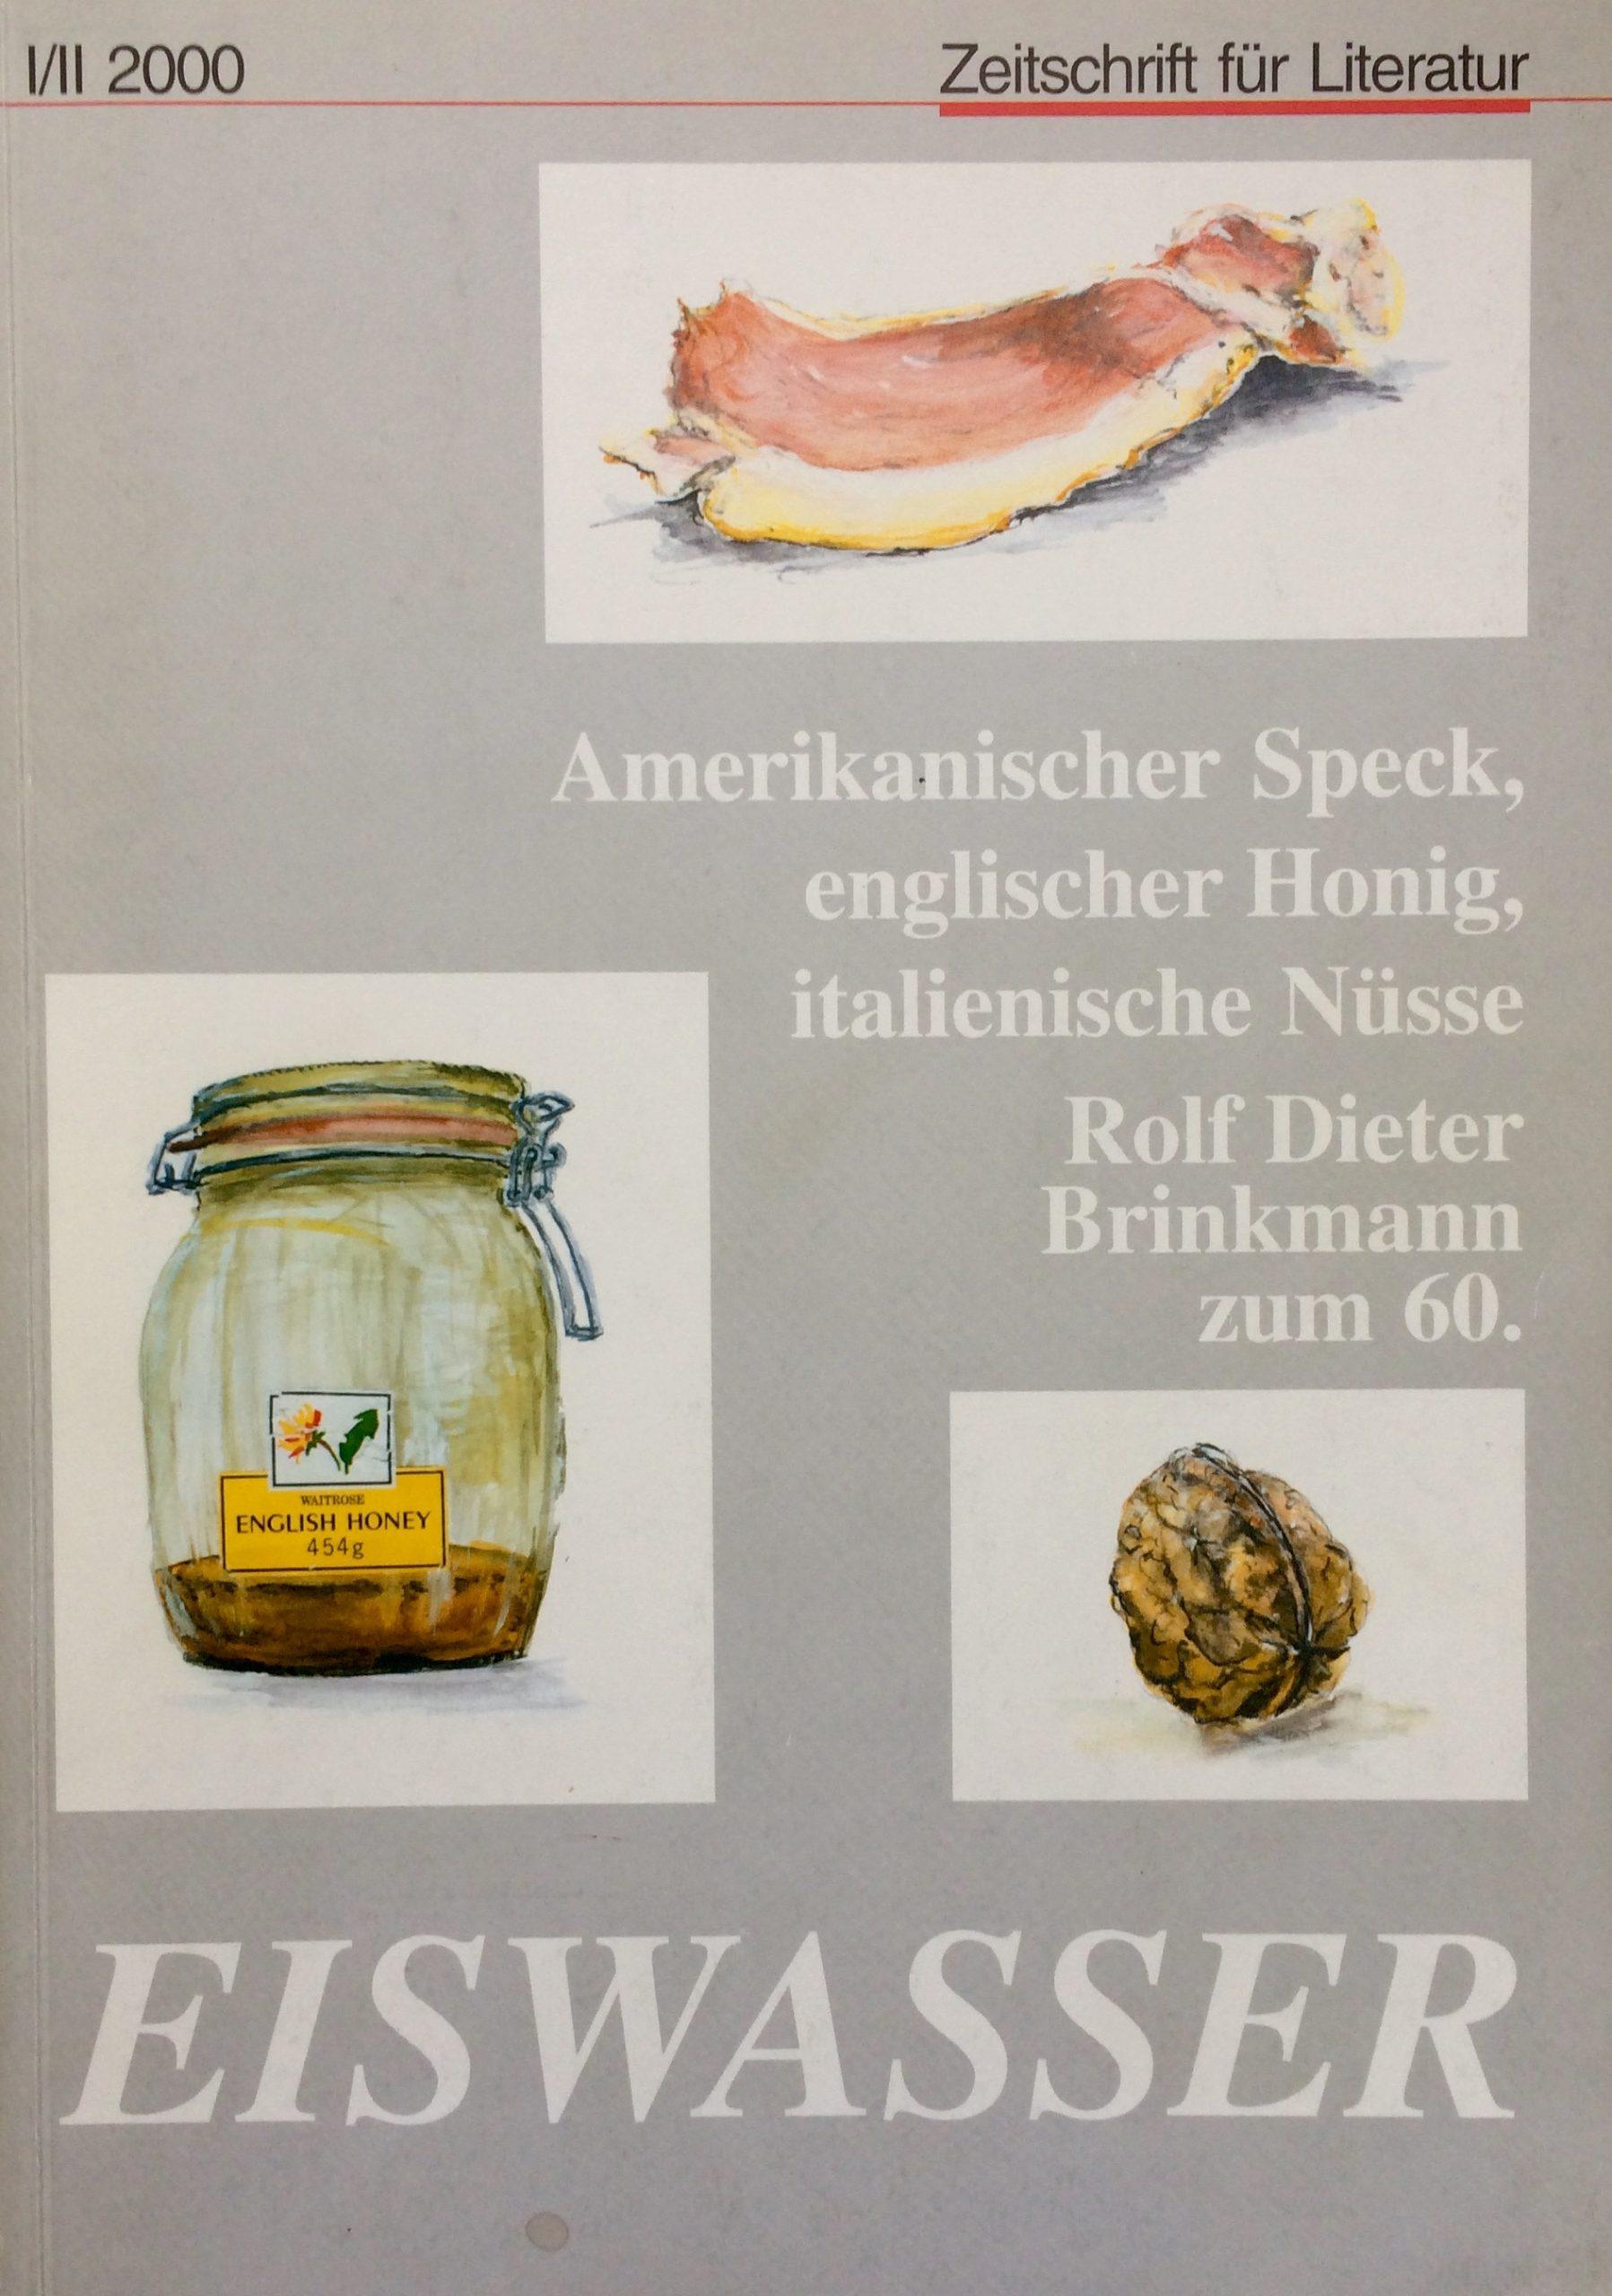 RDB-Cover-EISWASSER-Zeitschrift-für-Literatur-7.-Jahrgang-III-2000